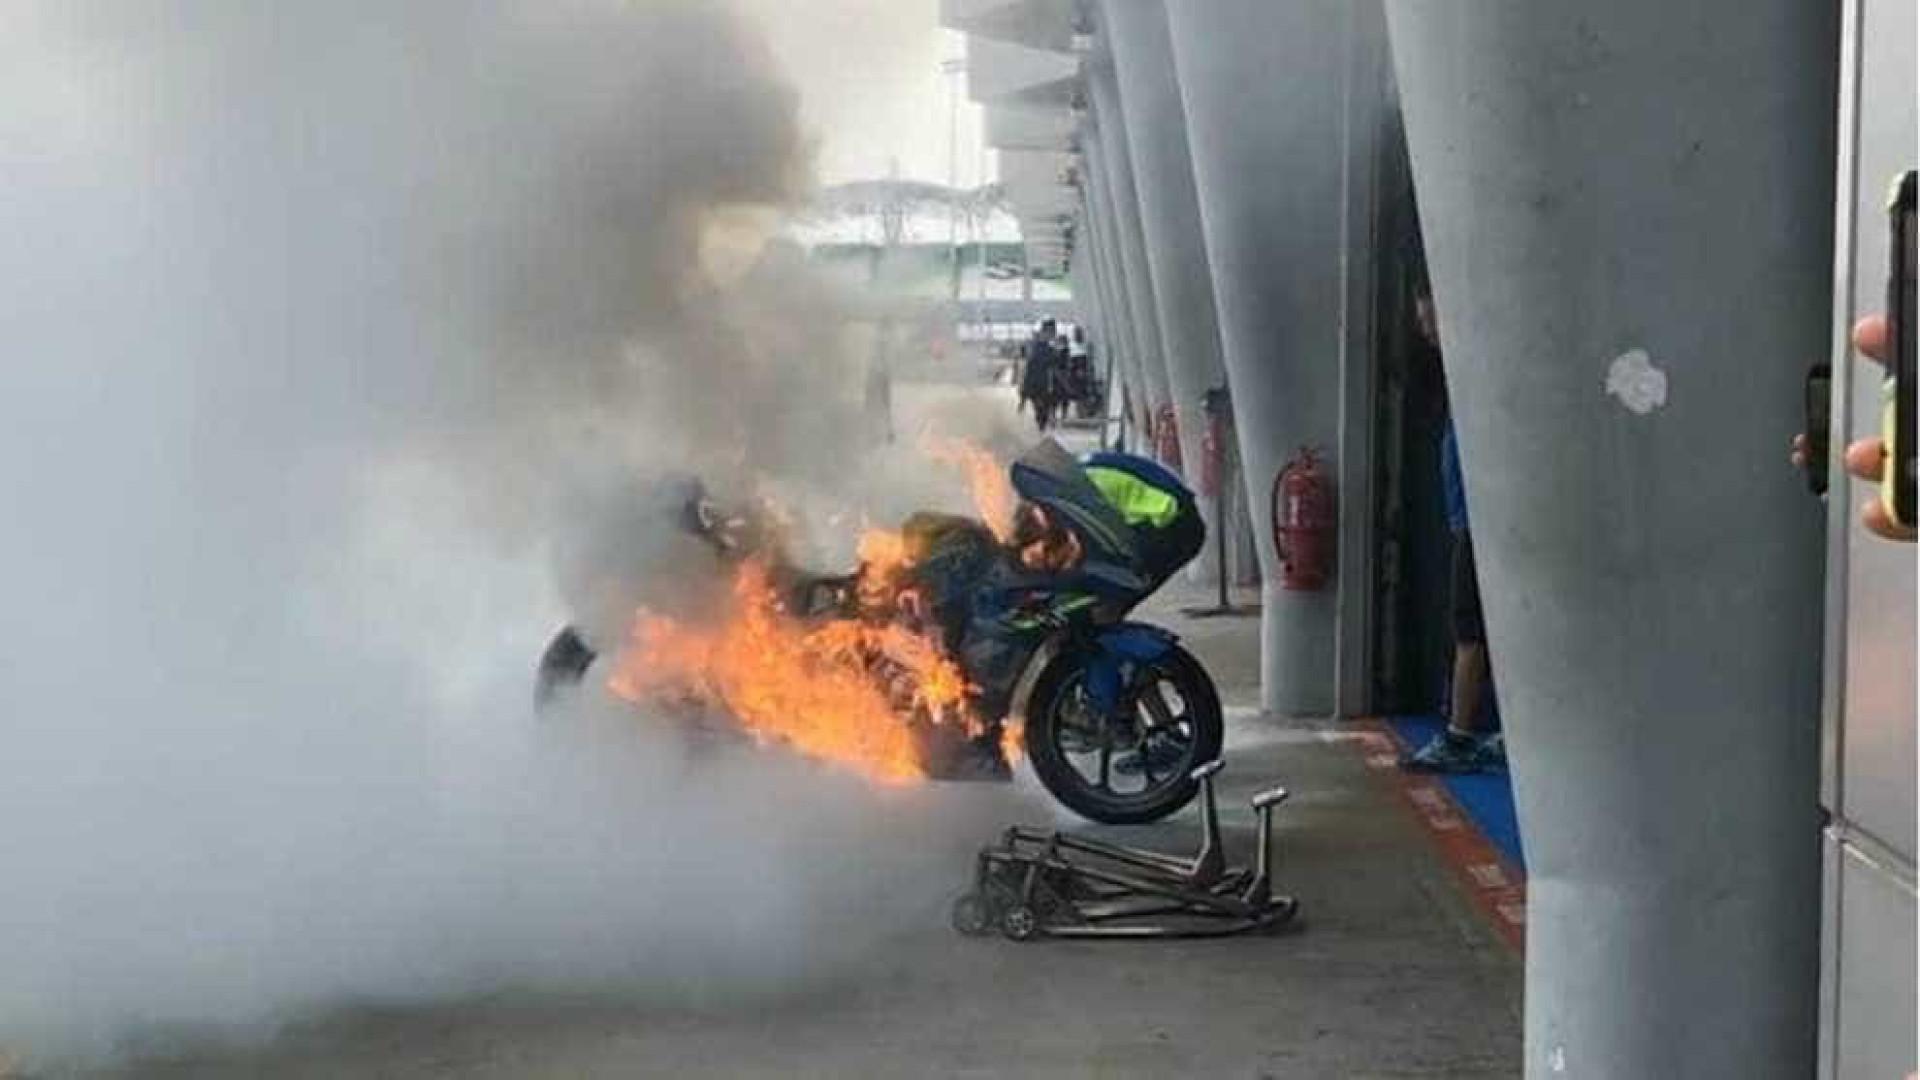 Moto de piloto espanhol pega fogo em Circuito na Malásia